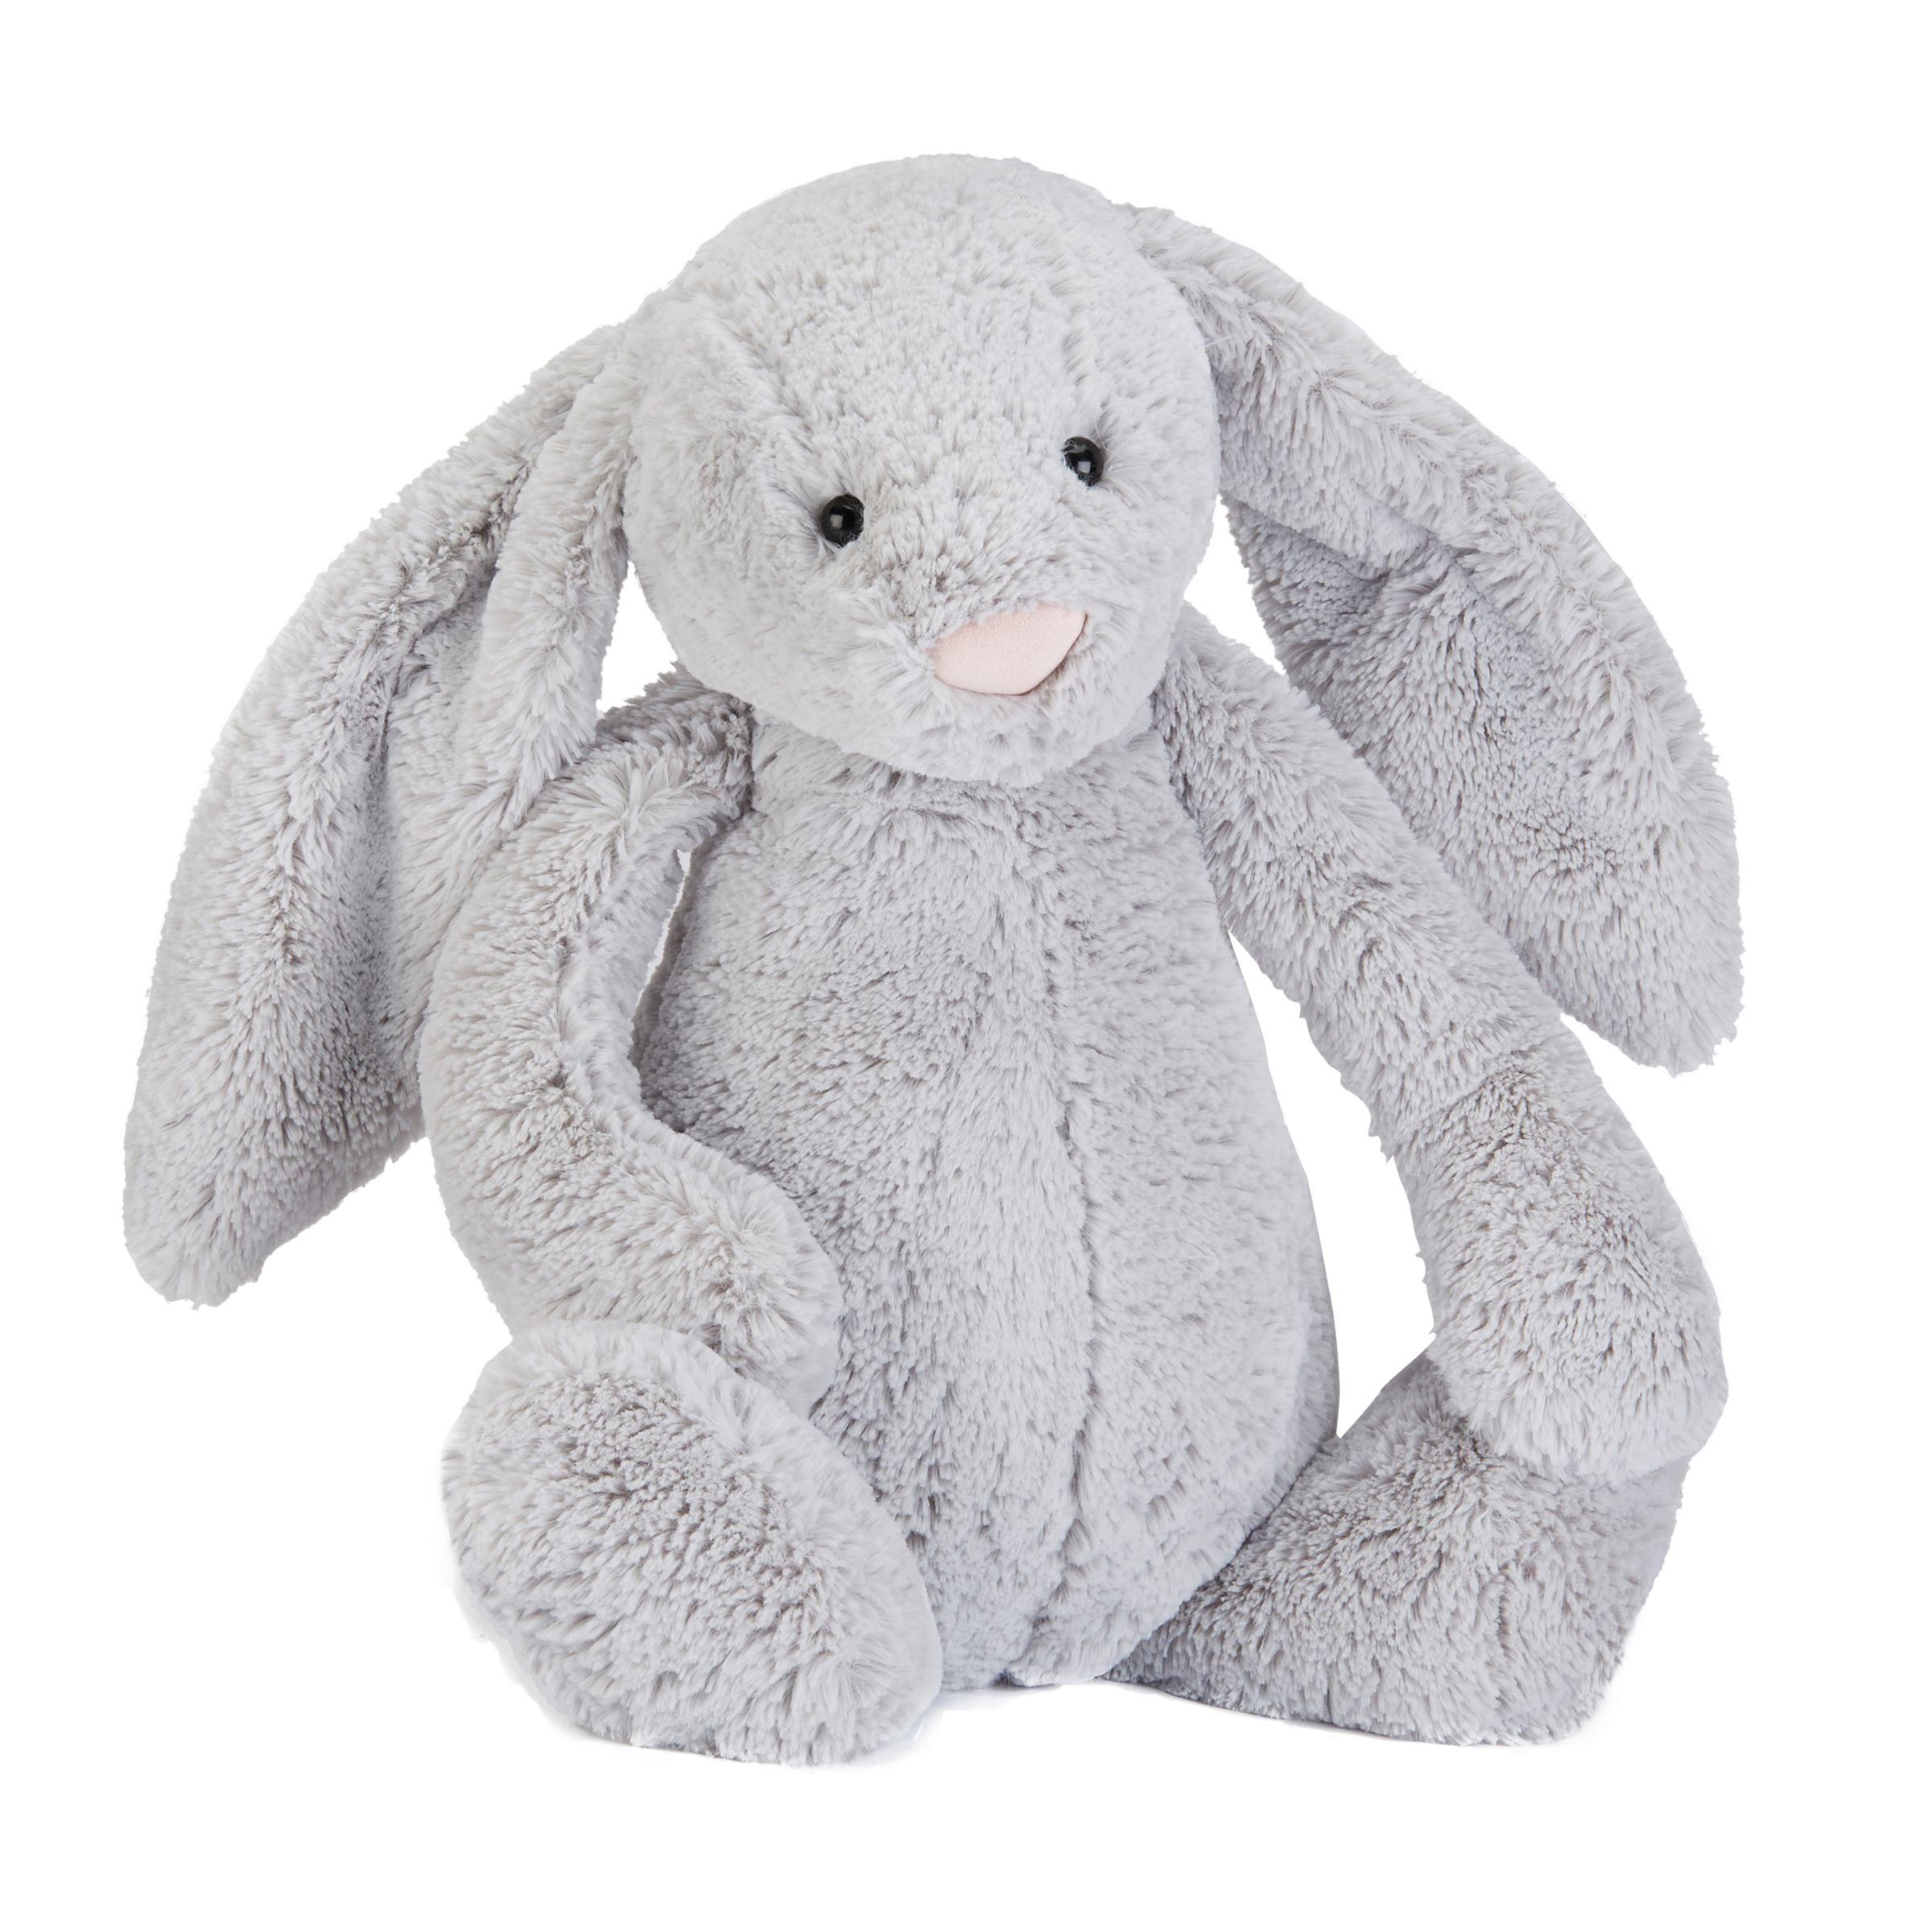 Jellycat Jellycat Bashful Silver Bunny Soft Toy, Large